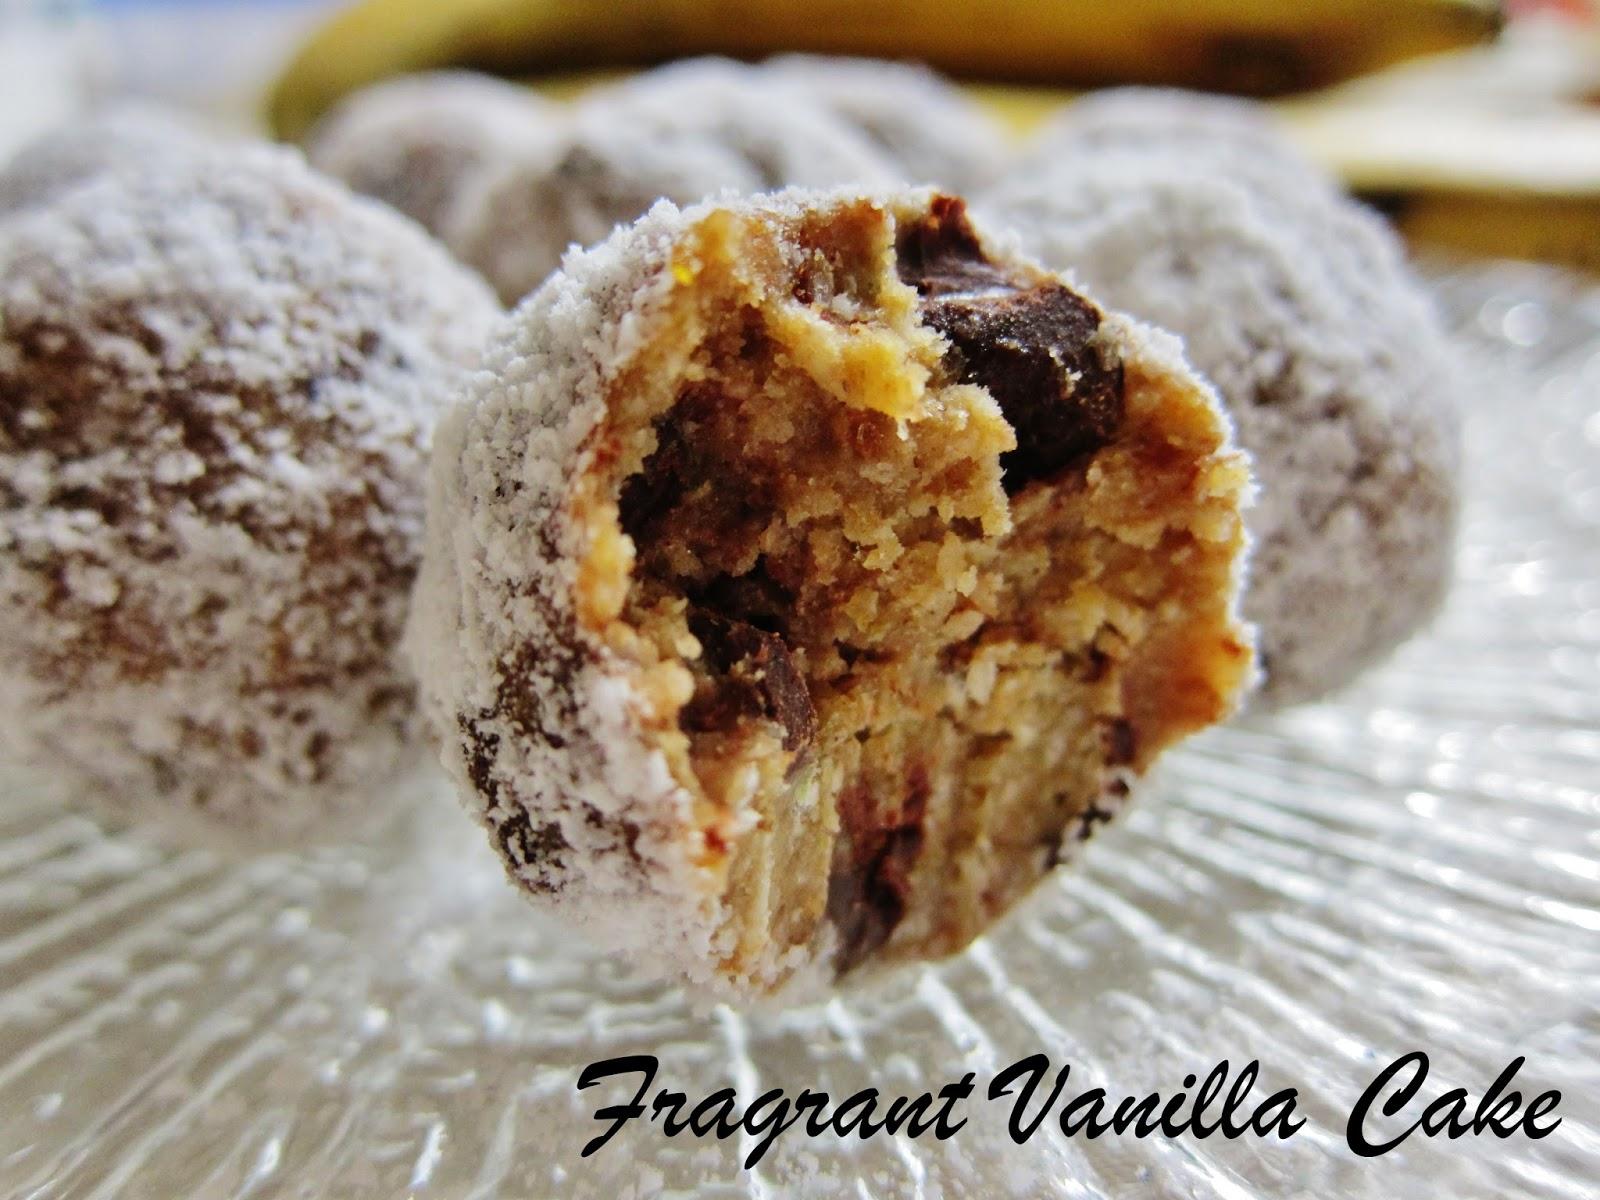 Fragrant Vanilla Cake: Raw Banana Chocolate Chunk Doughnut Holes